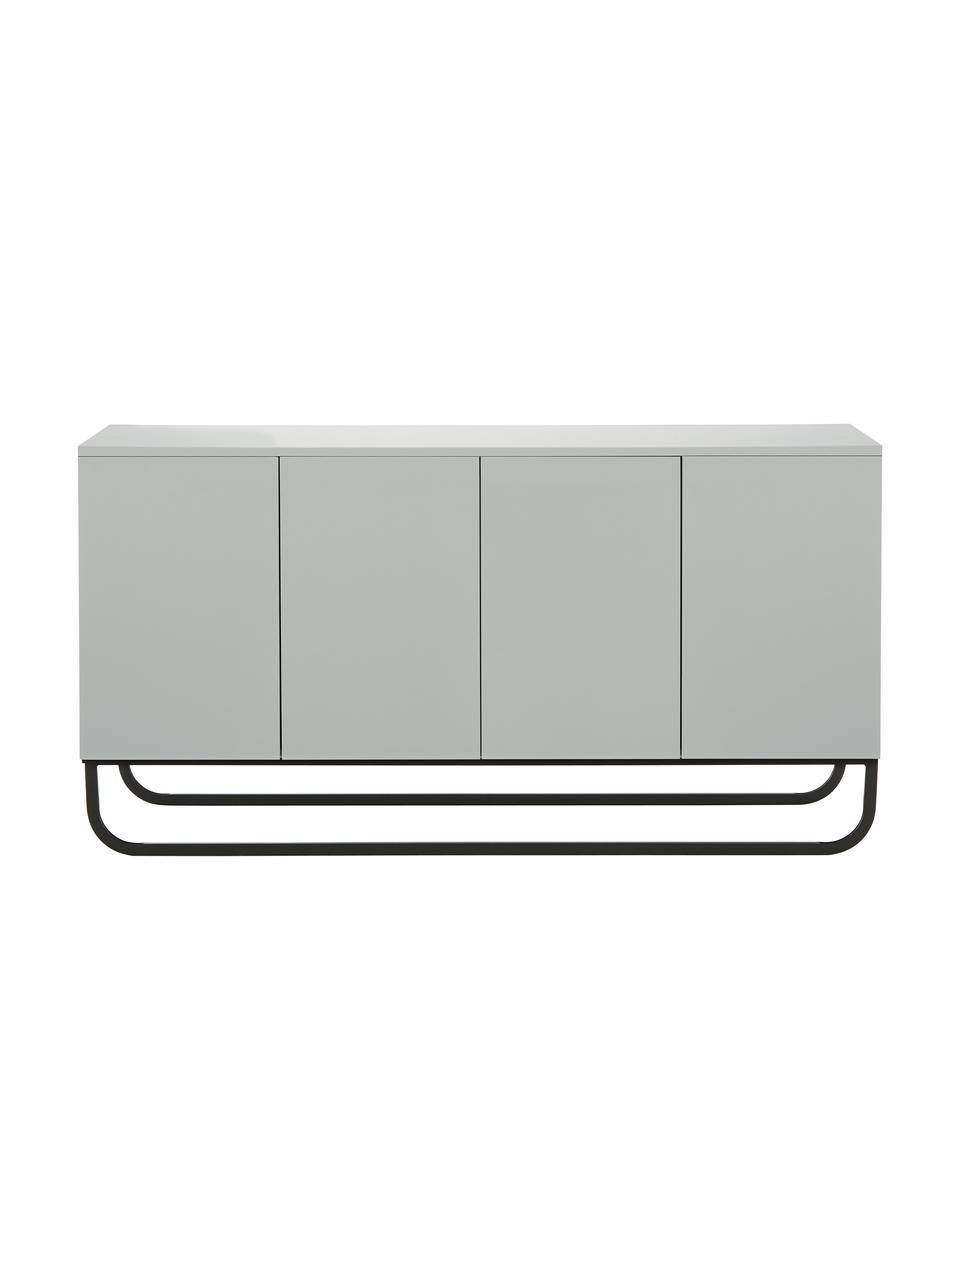 Klassisches Sideboard Sanford mit Türen in Hellgrau, Korpus: Mitteldichte Holzfaserpla, Fußgestell: Metall, pulverbeschichtet, Hellgrau, 160 x 83 cm